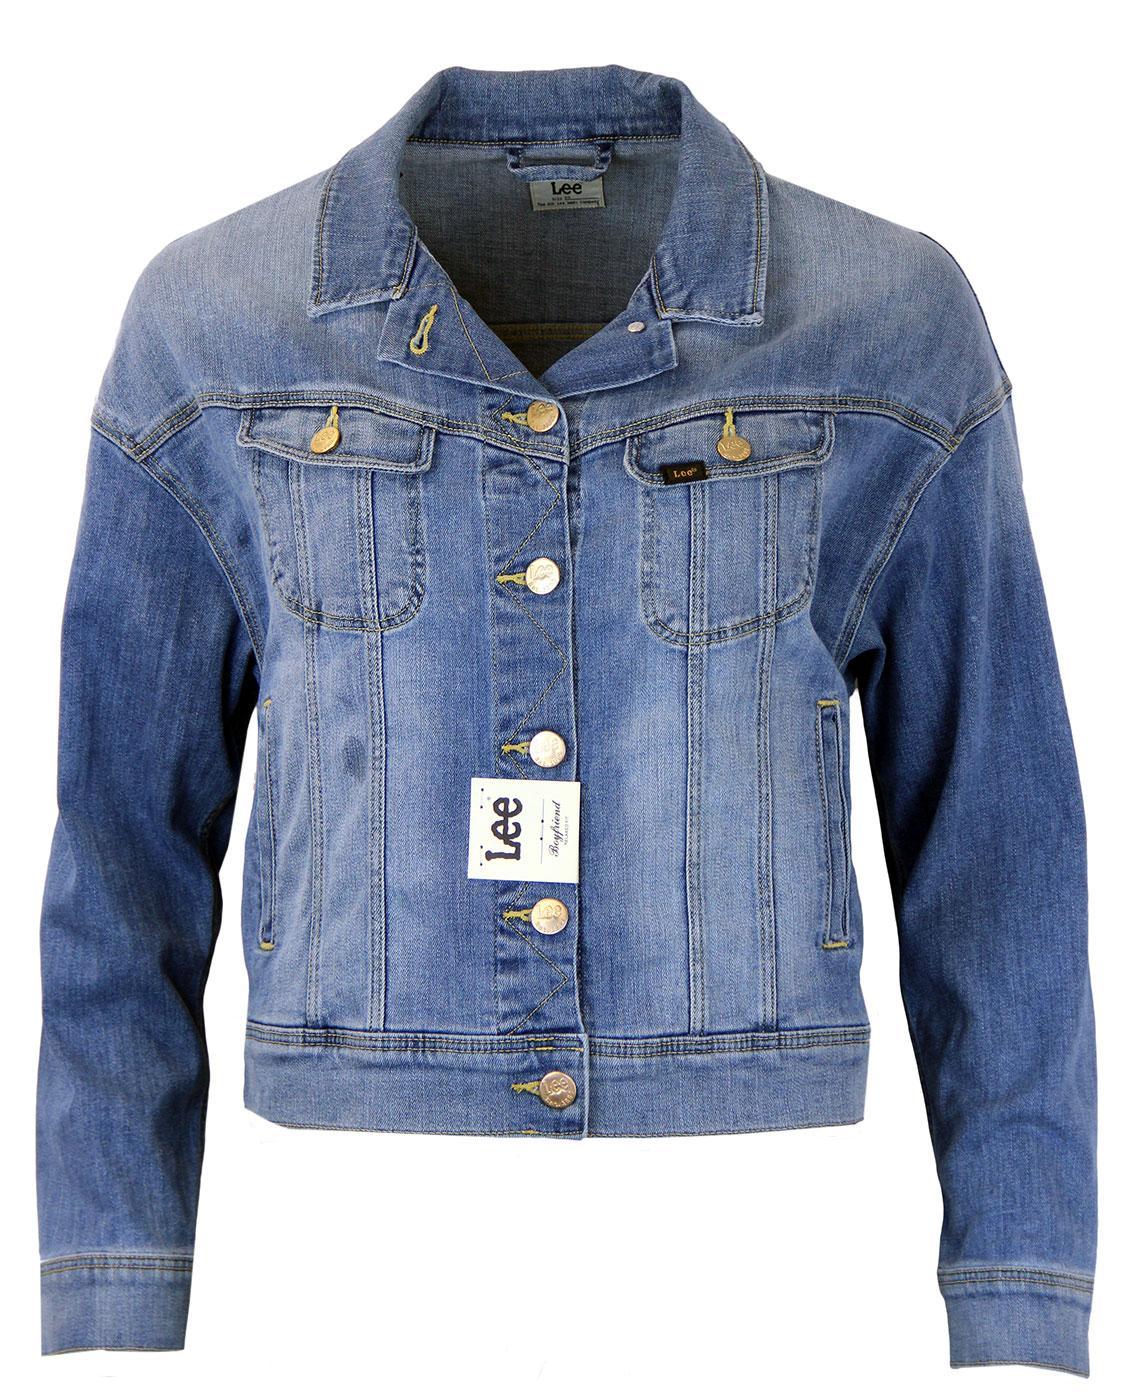 LEE Retro Indie Boyfriend Fit Denim Rider Jacket